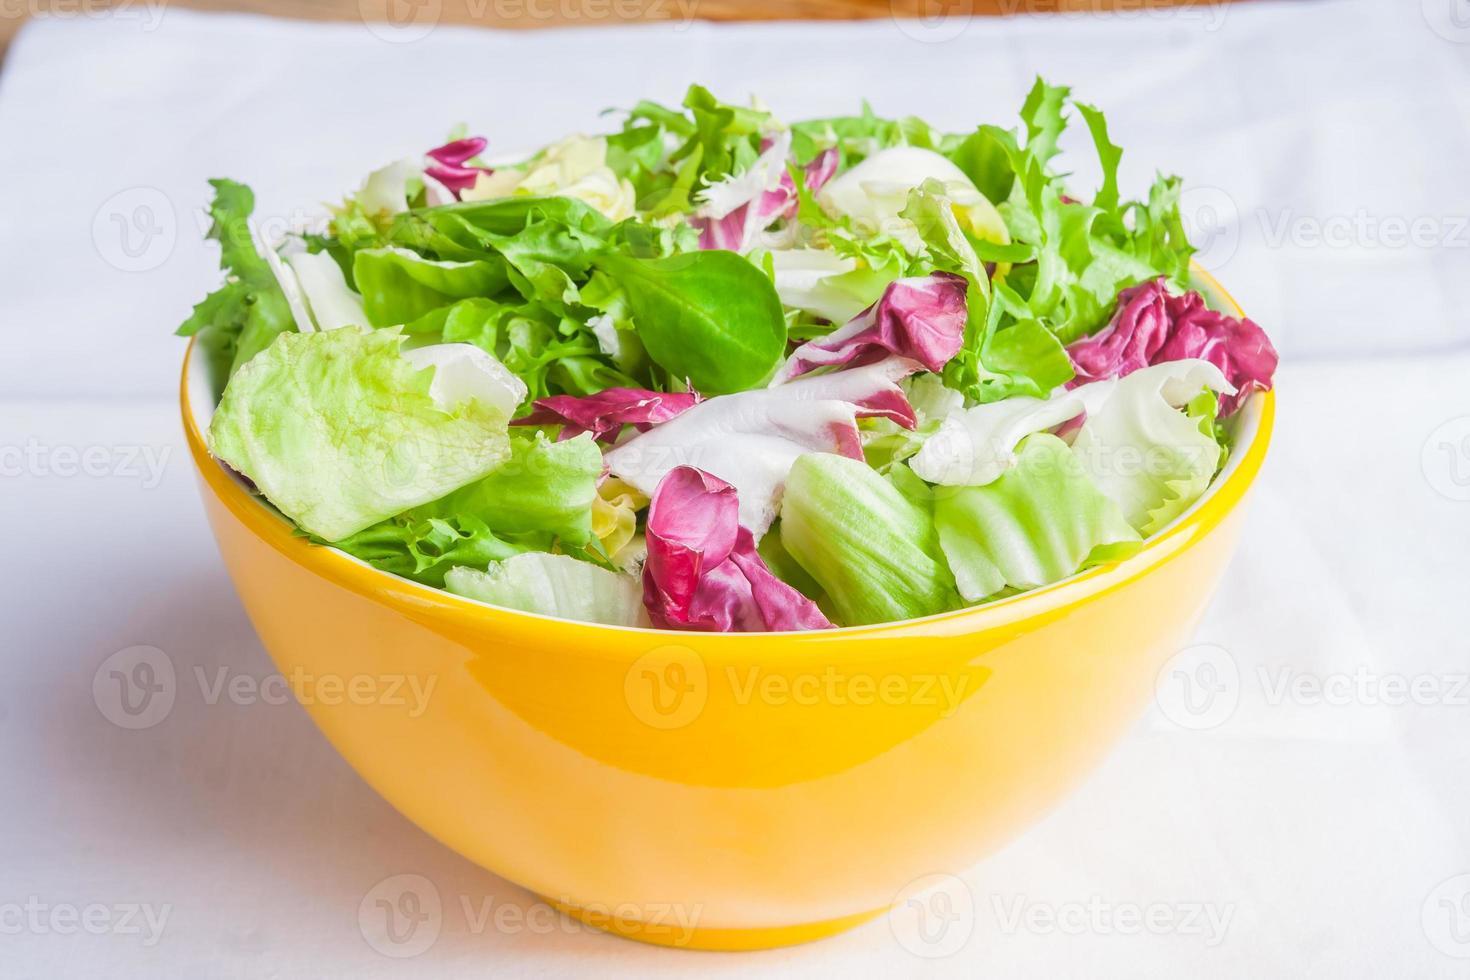 insalata mista di lattuga. foto